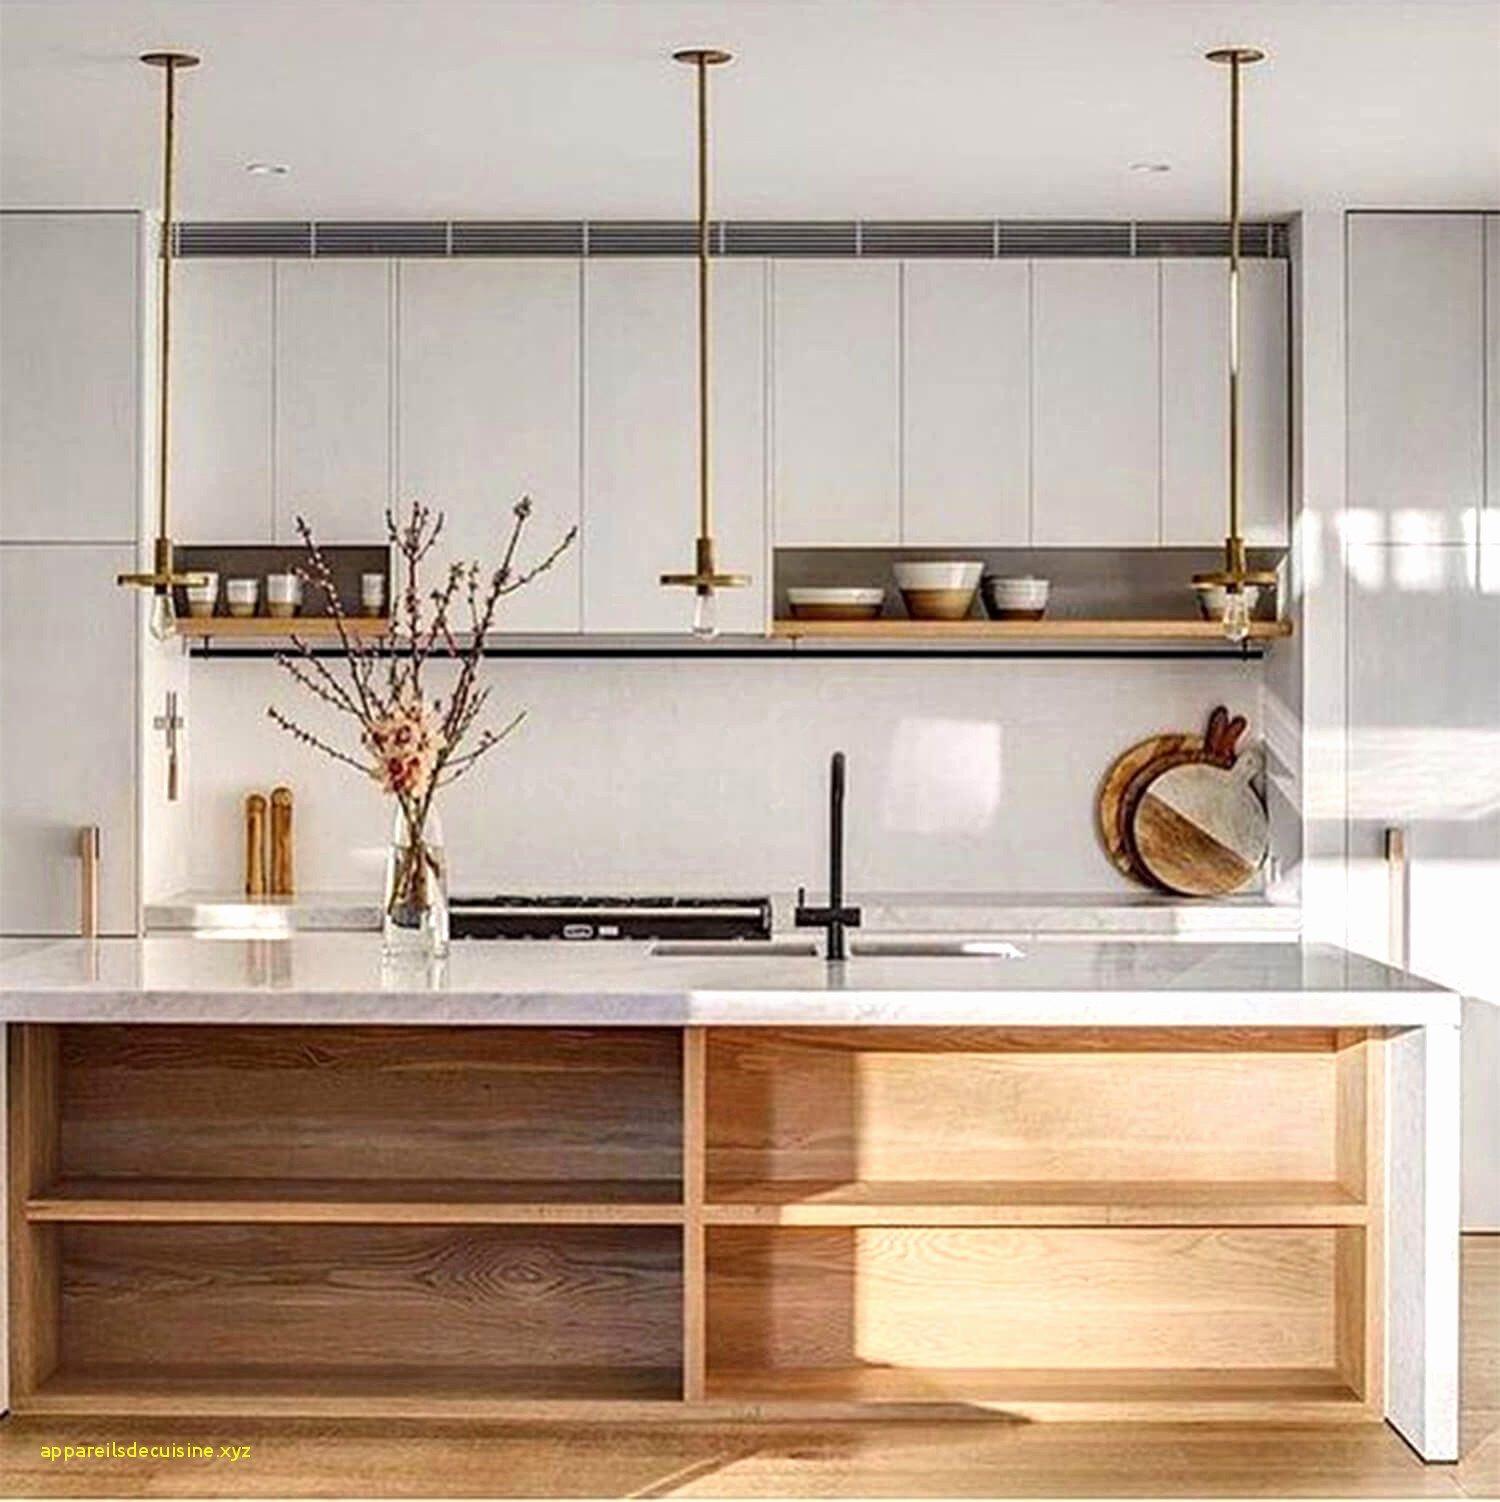 Devis En Ligne Ikea Beau Photographie Devis Cuisine En Ligne Ikea Confortable Résultat Supérieur Concevoir